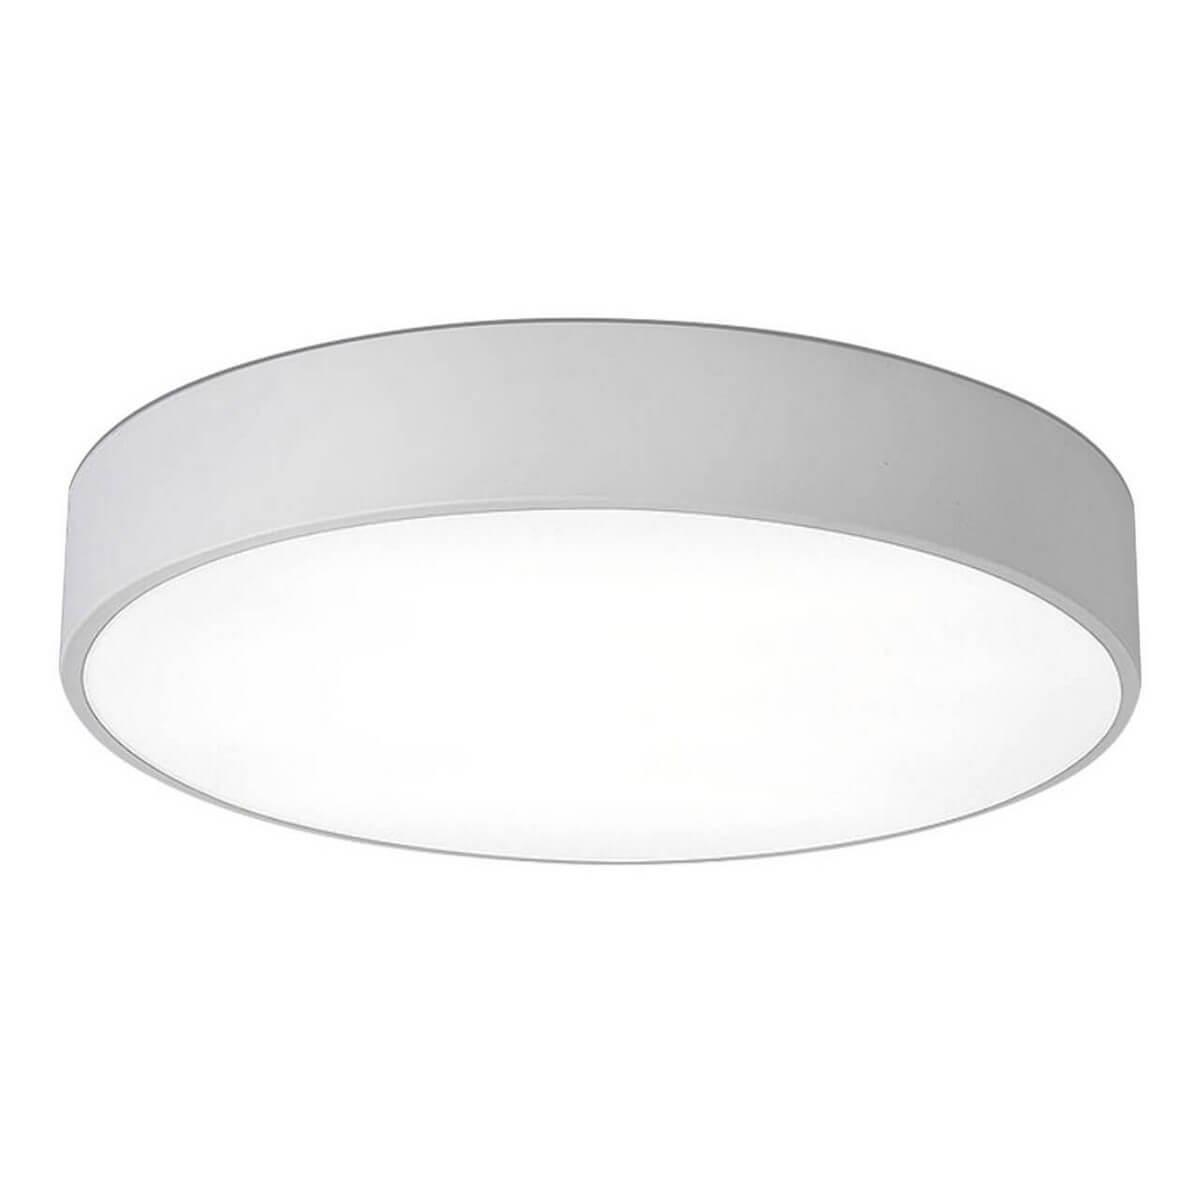 Потолочный светодиодный светильник Kink Light Медина 05480,01 потолочный светодиодный светильник kink light медина 05430 01